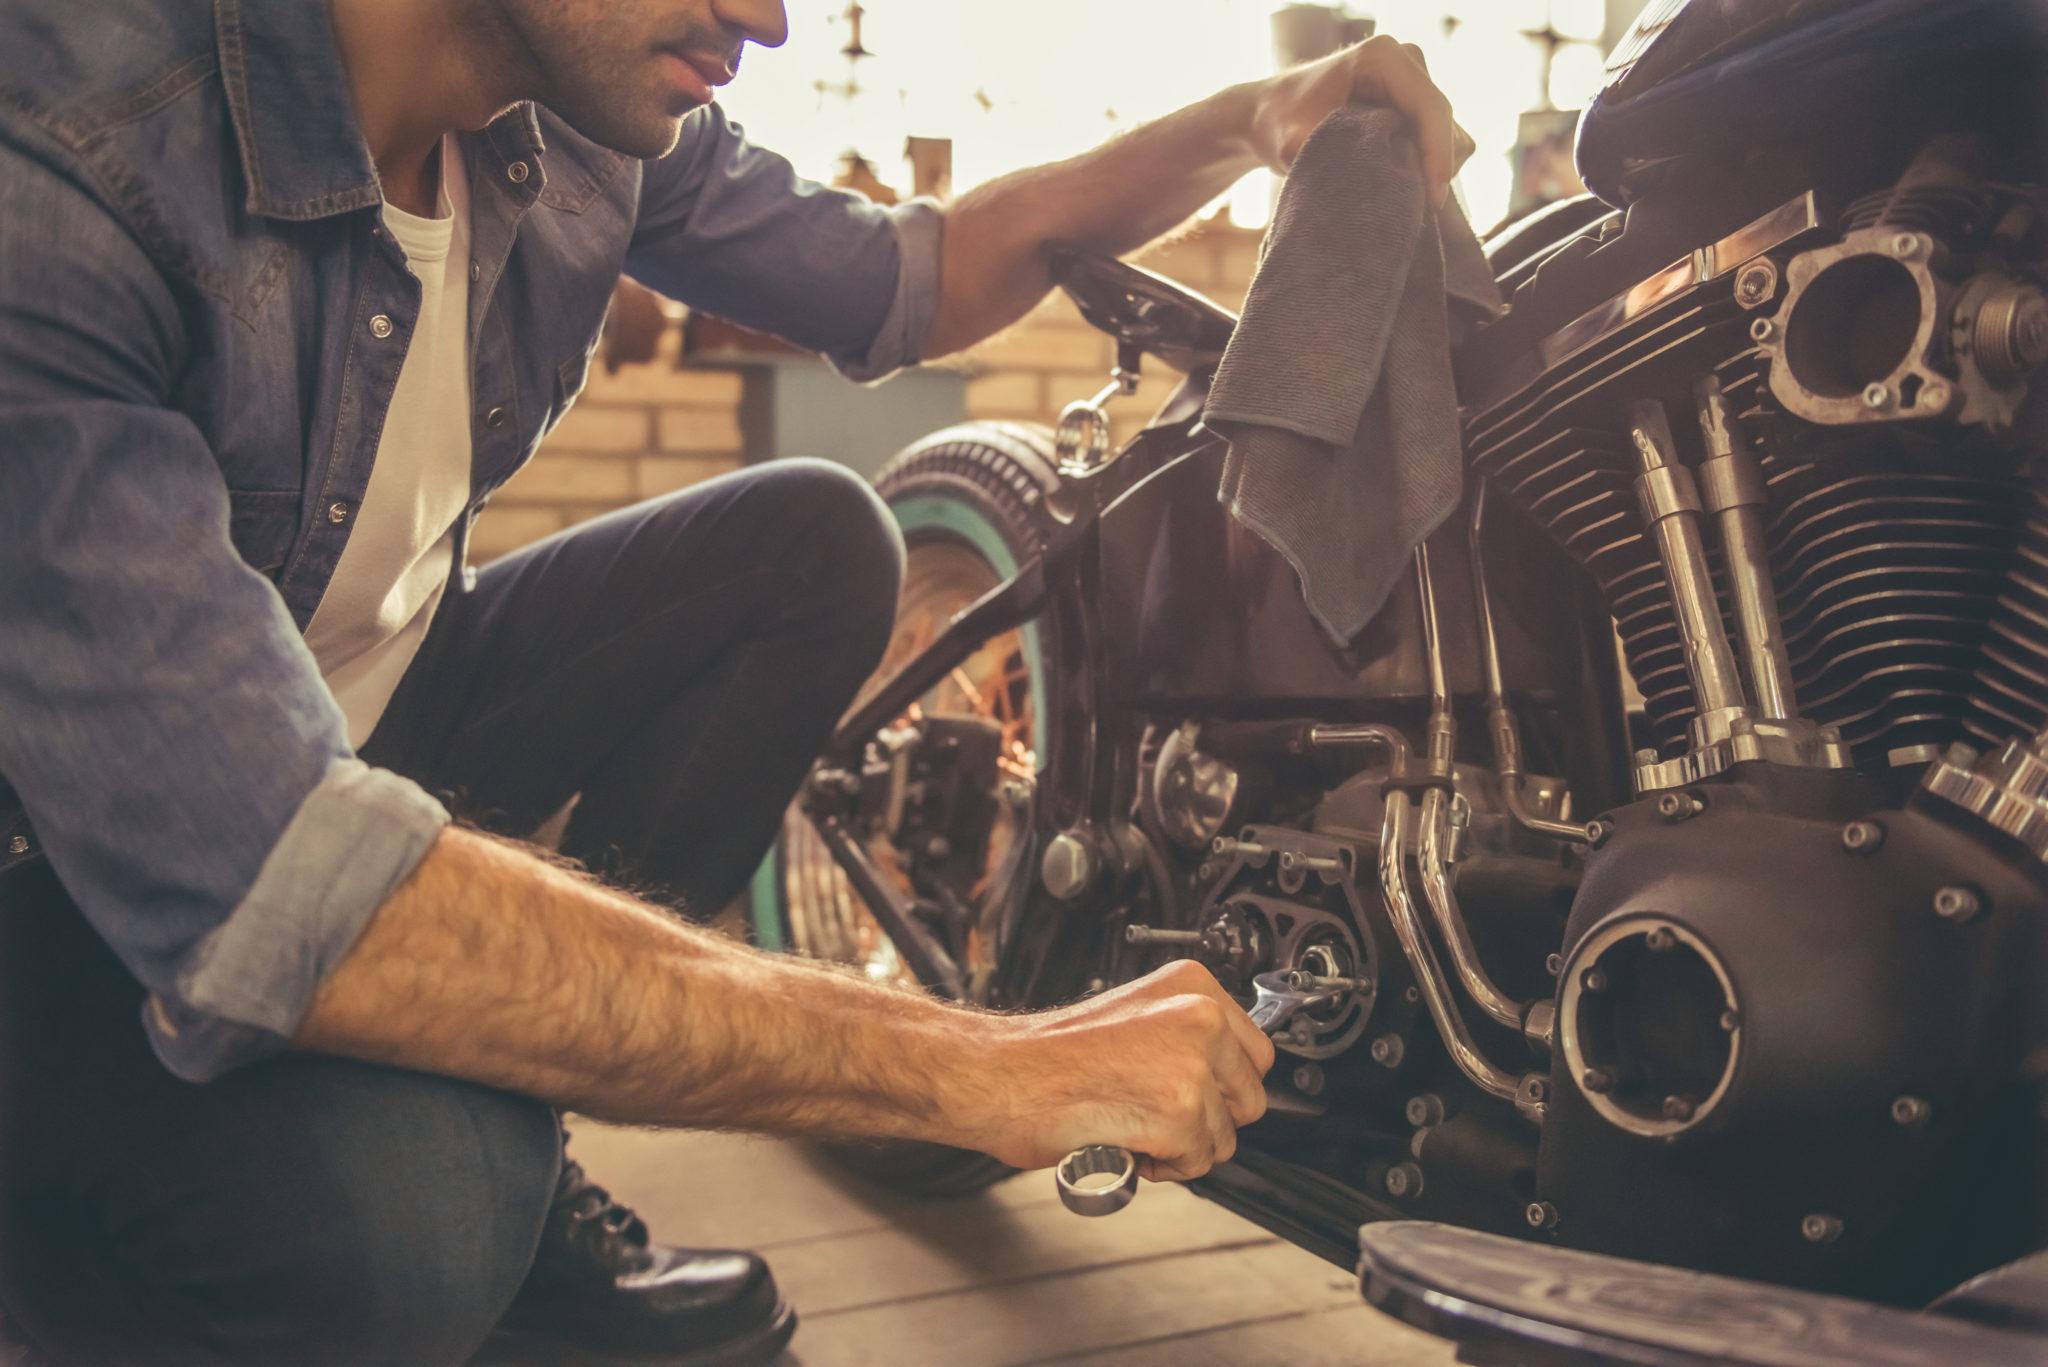 motorbike maintenance regularly